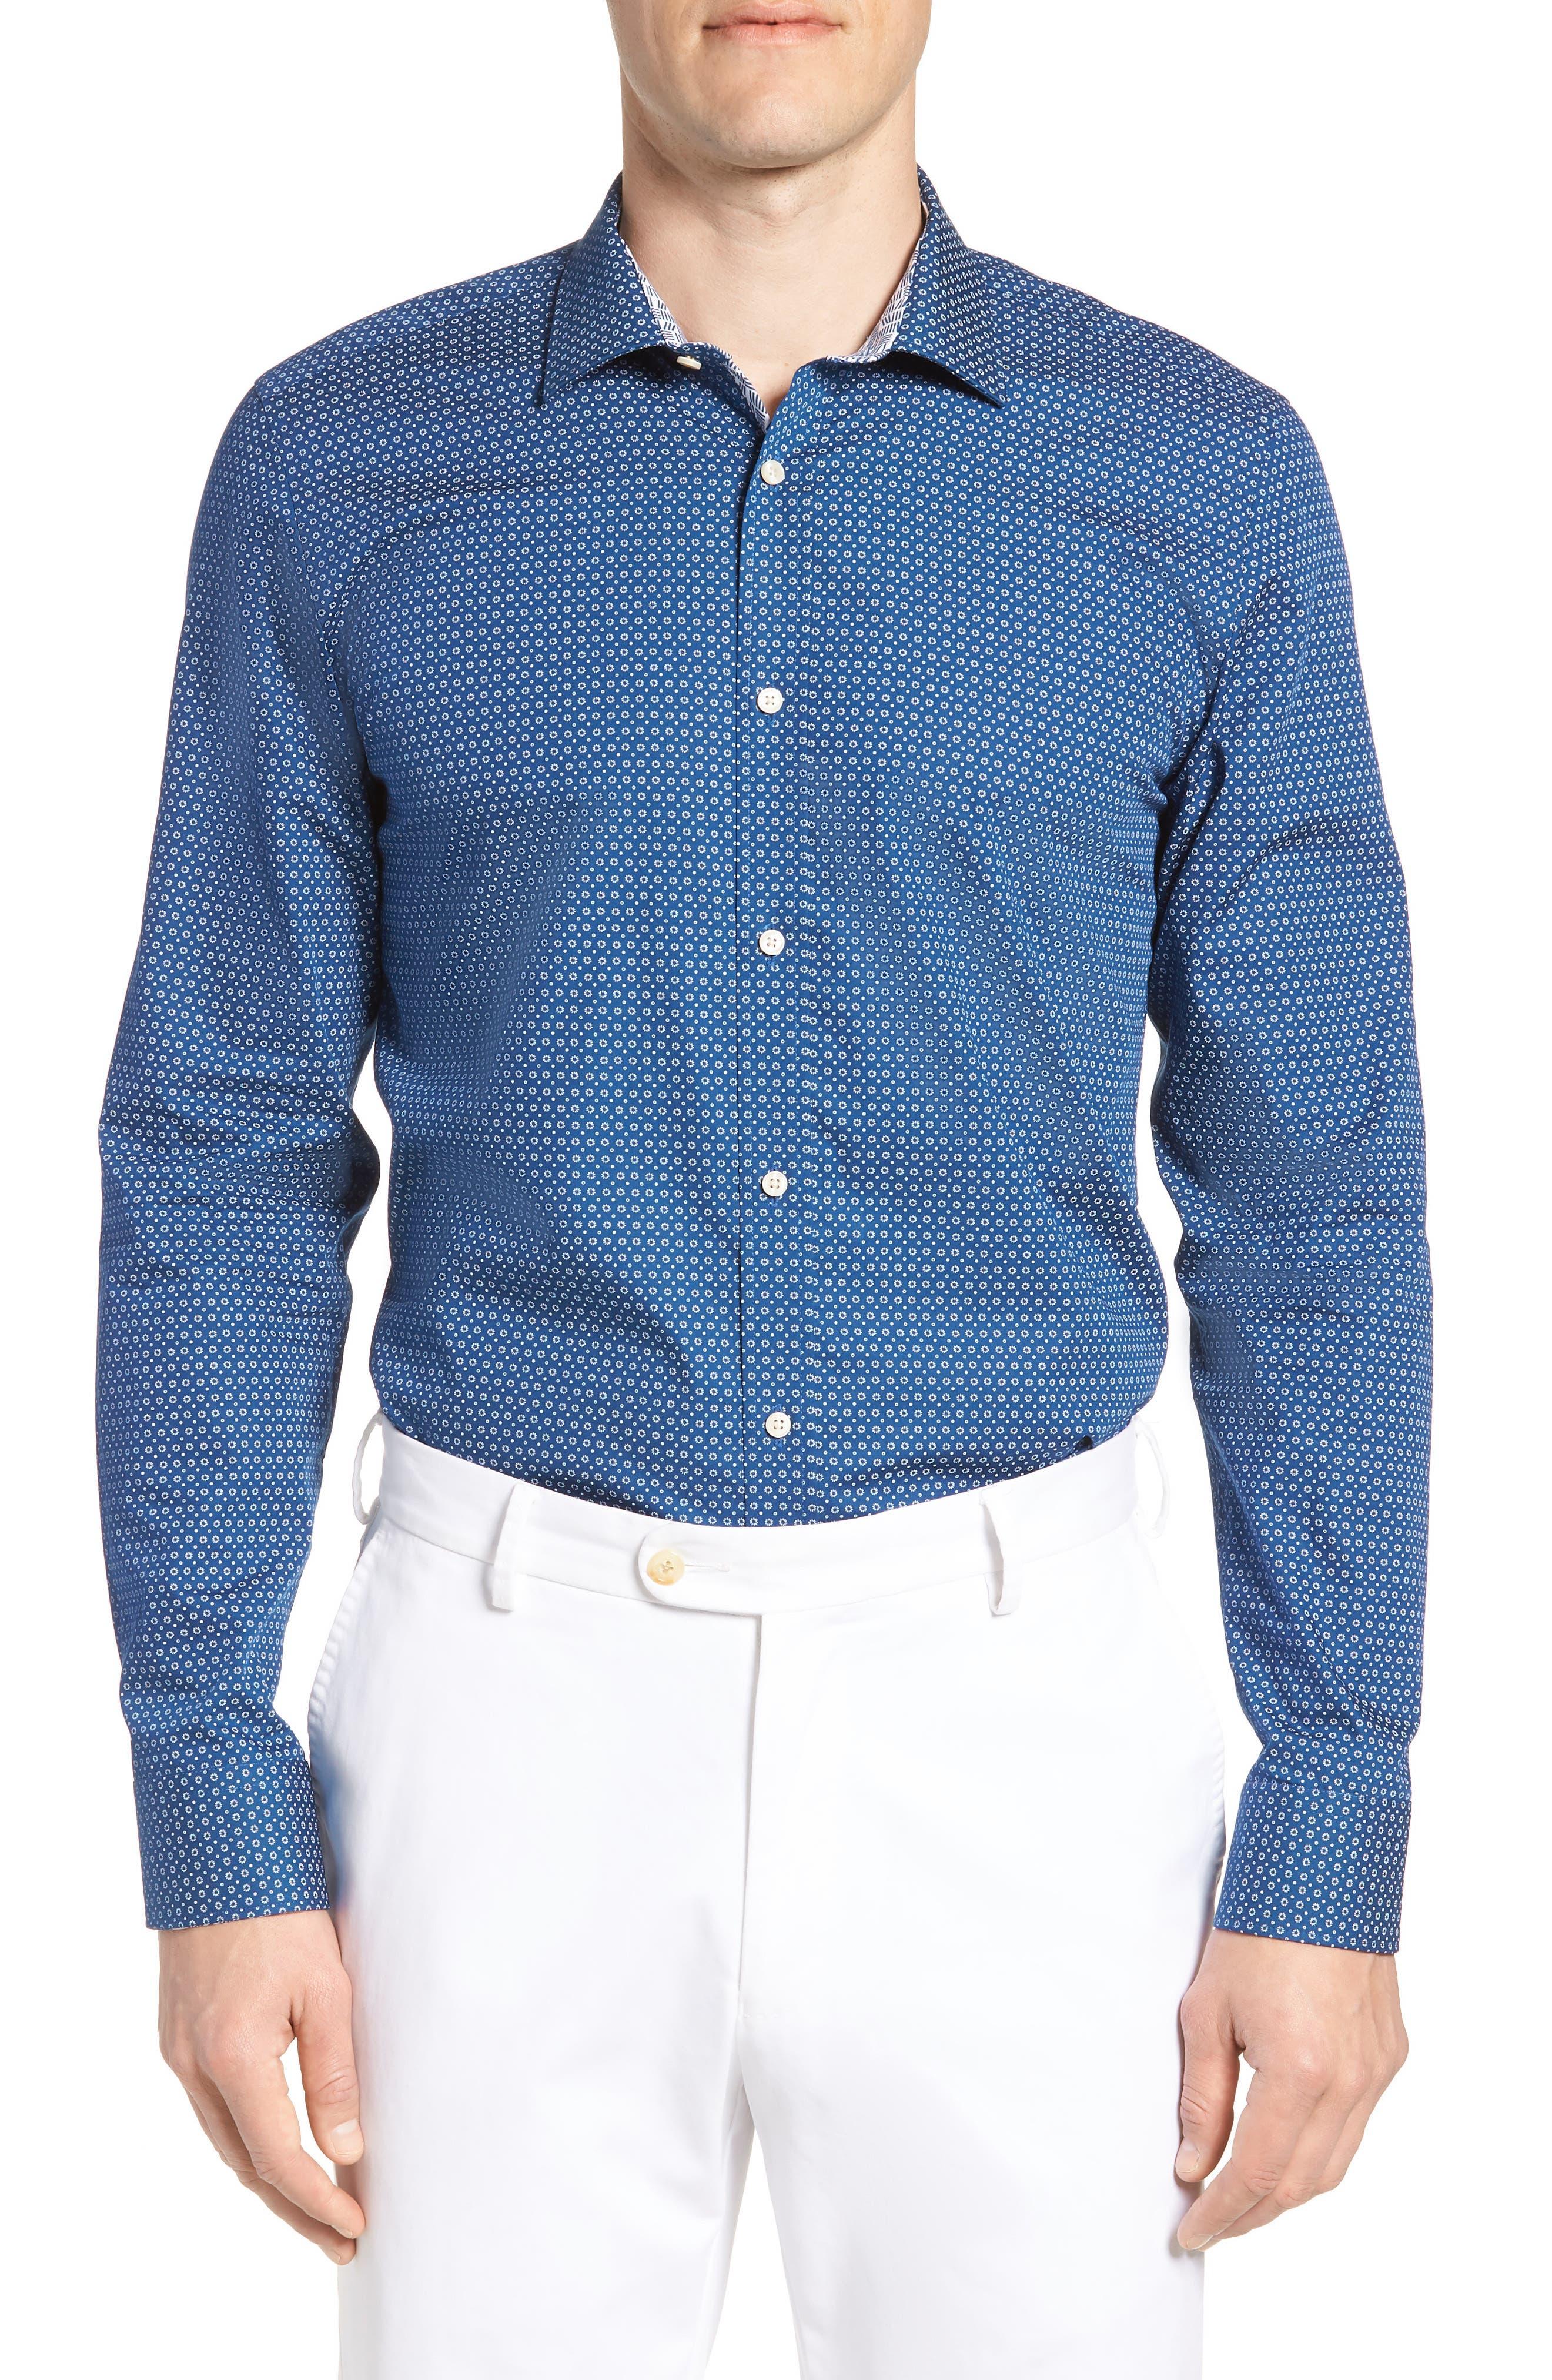 Loops Slim Fit Dress Shirt,                             Main thumbnail 1, color,                             Navy